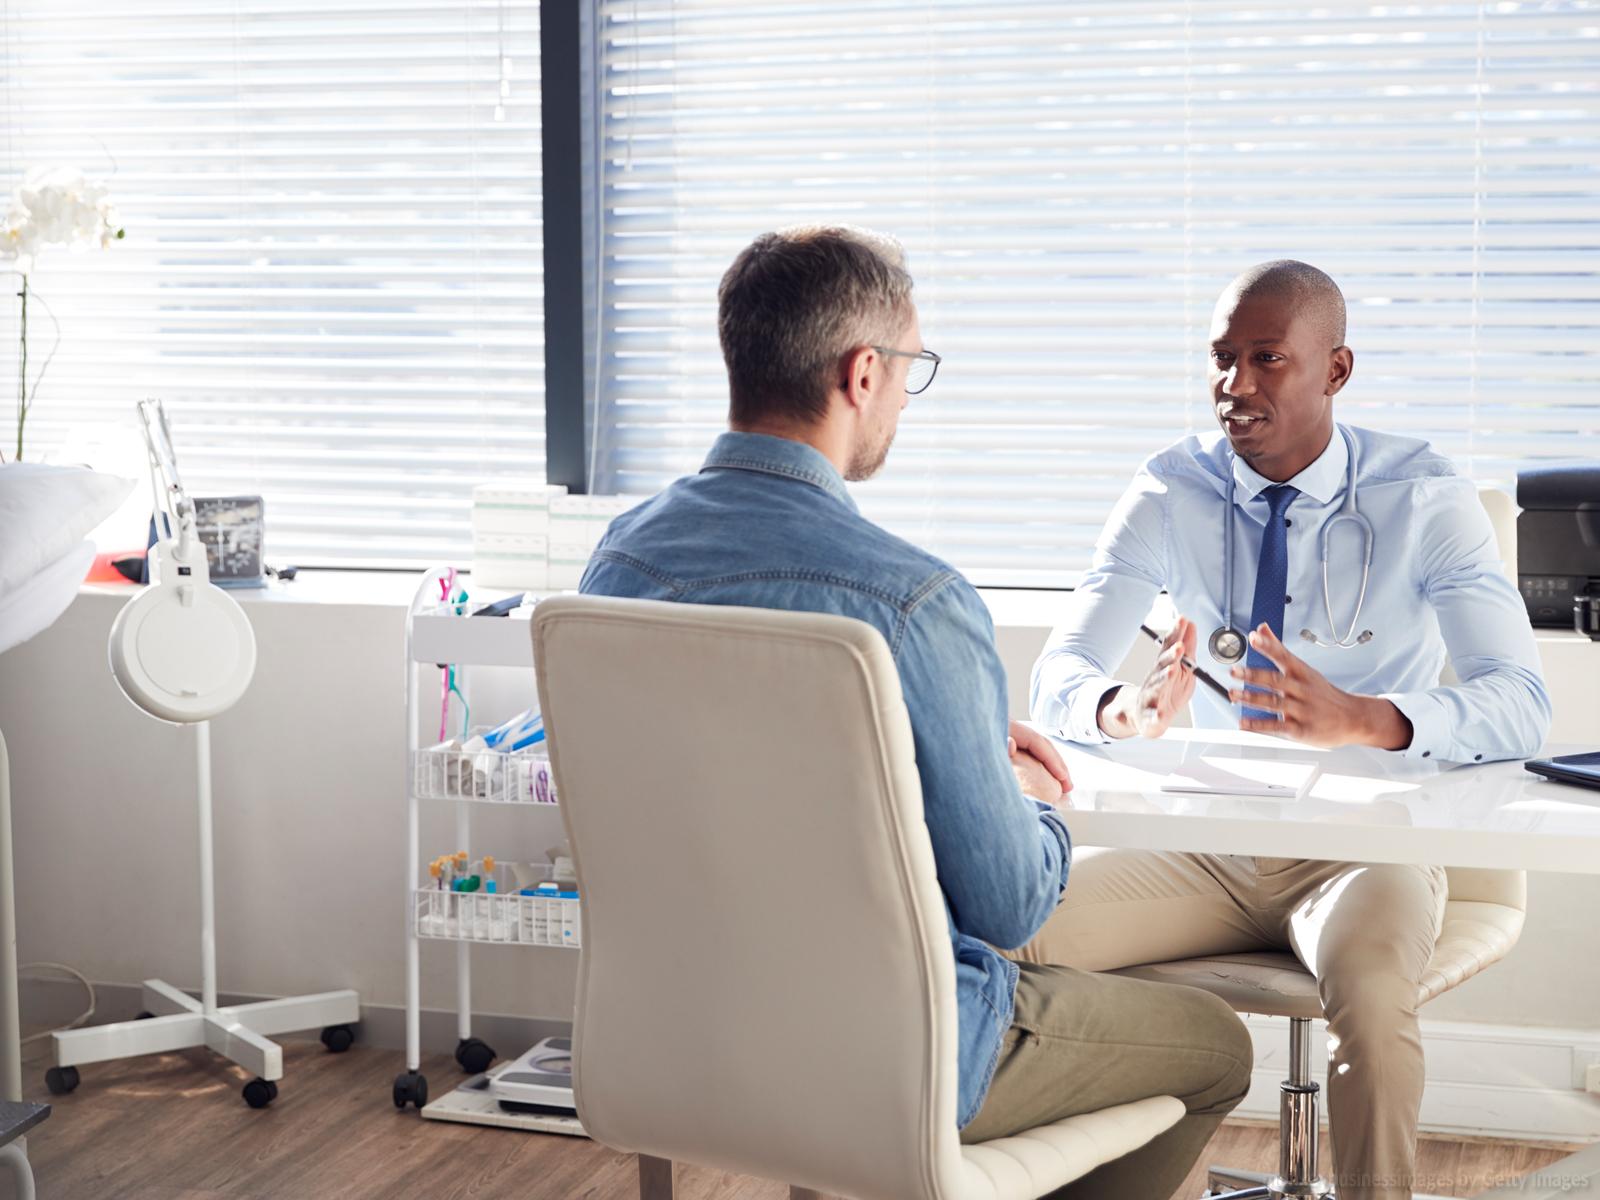 Por-que-muitos-homens-não-gostam-de-ir-ao-médico